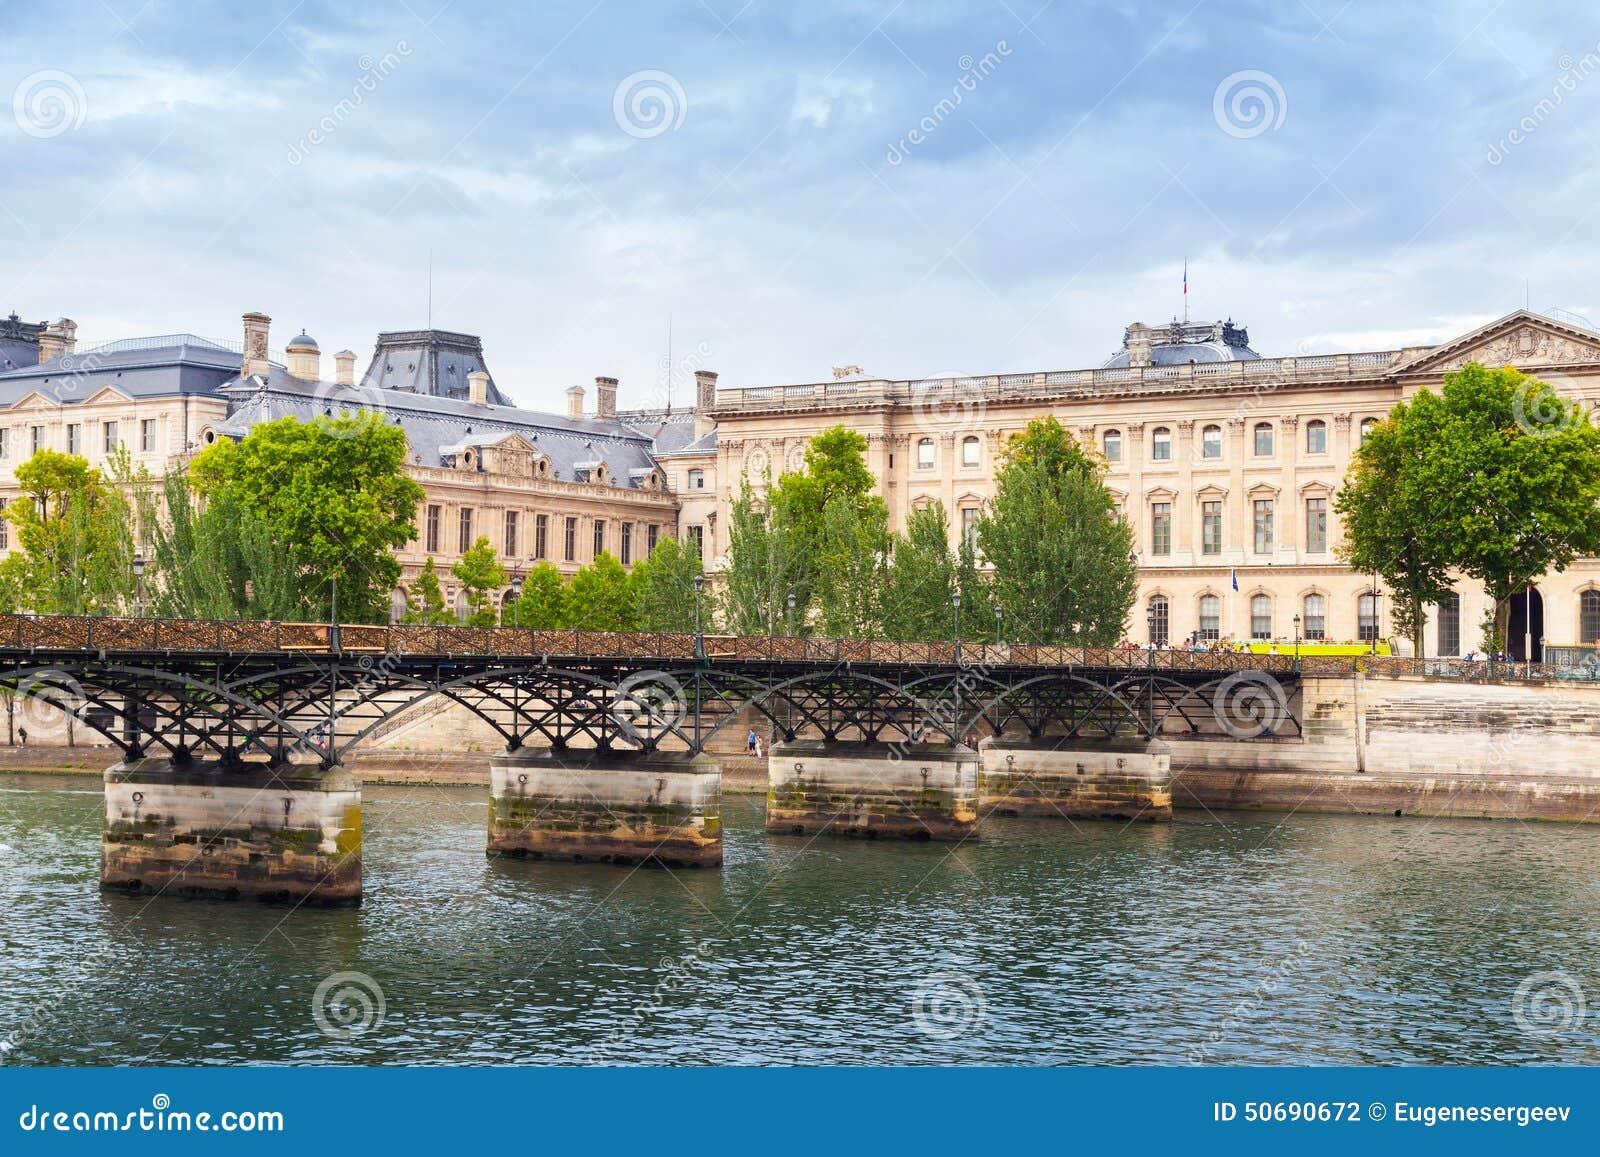 Download 艺术桥,在河塞纳河的桥梁在巴黎 库存照片. 图片 包括有 博物馆, 遗产, 宫殿, 葡萄酒, 天窗, 法国 - 50690672